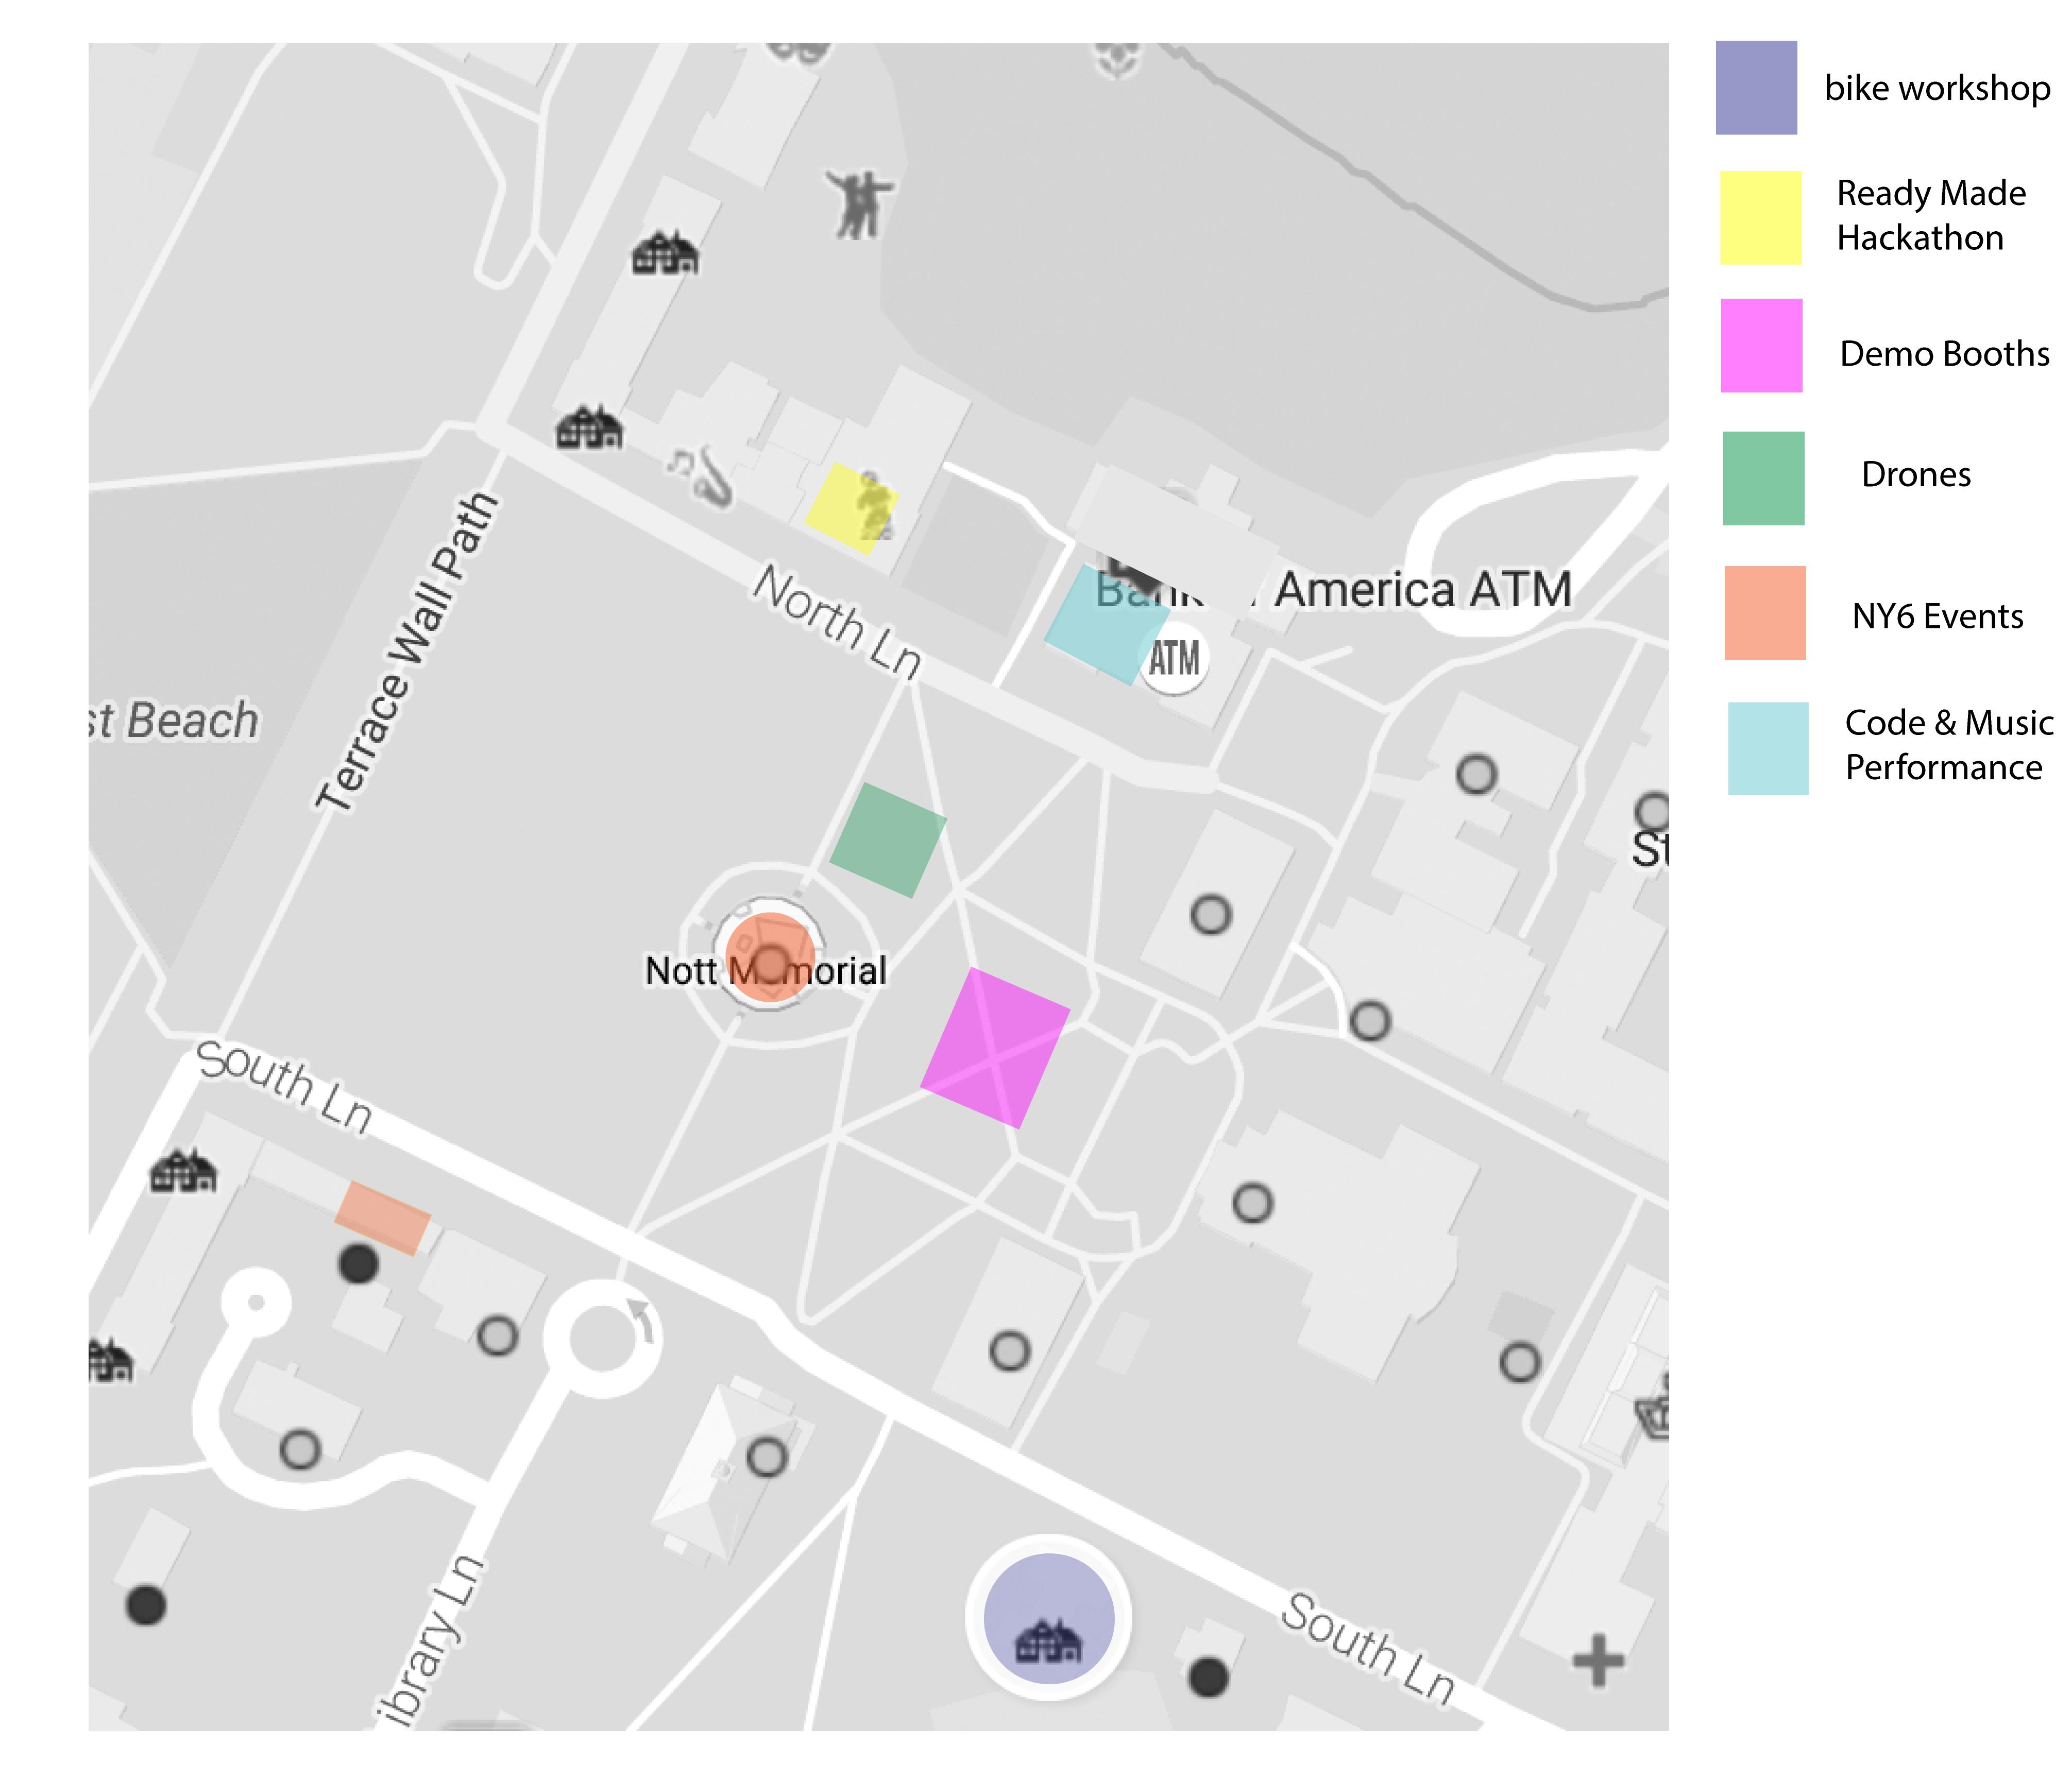 makerfestmap